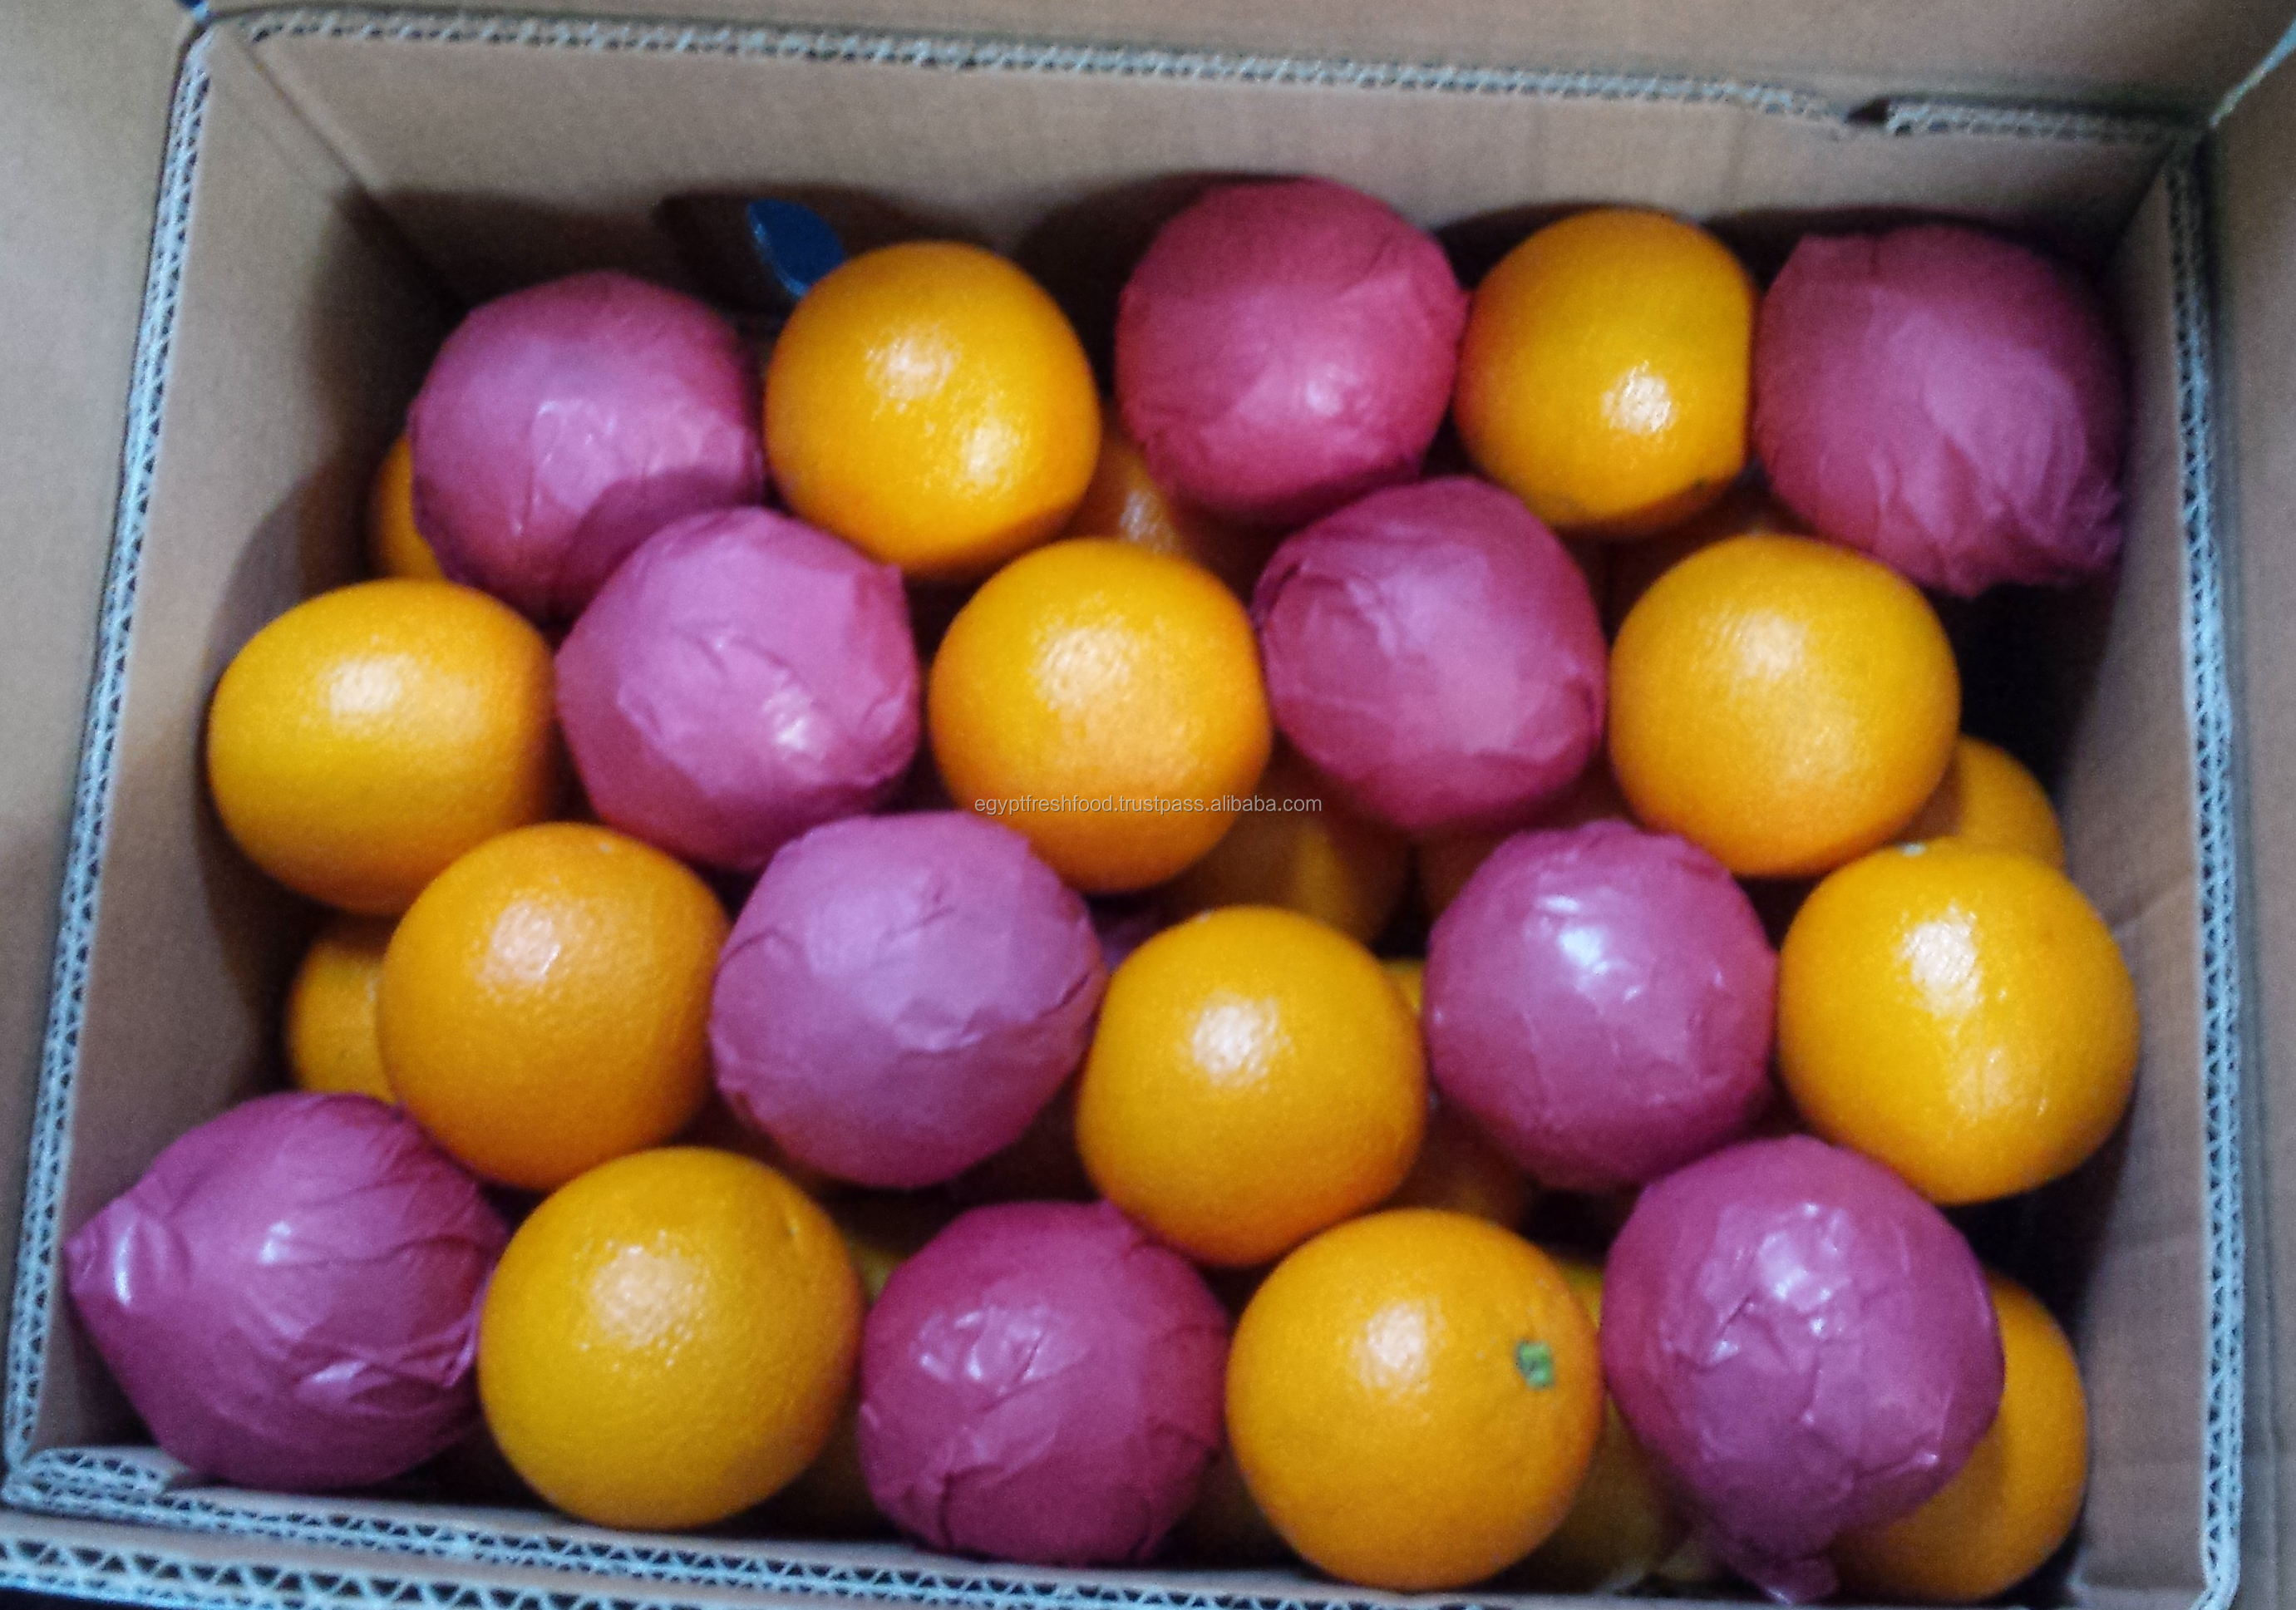 สด Valencia สีส้มและอะพีชส้ม,Citrus จากอียิปต์,Ready to Export Season 2020